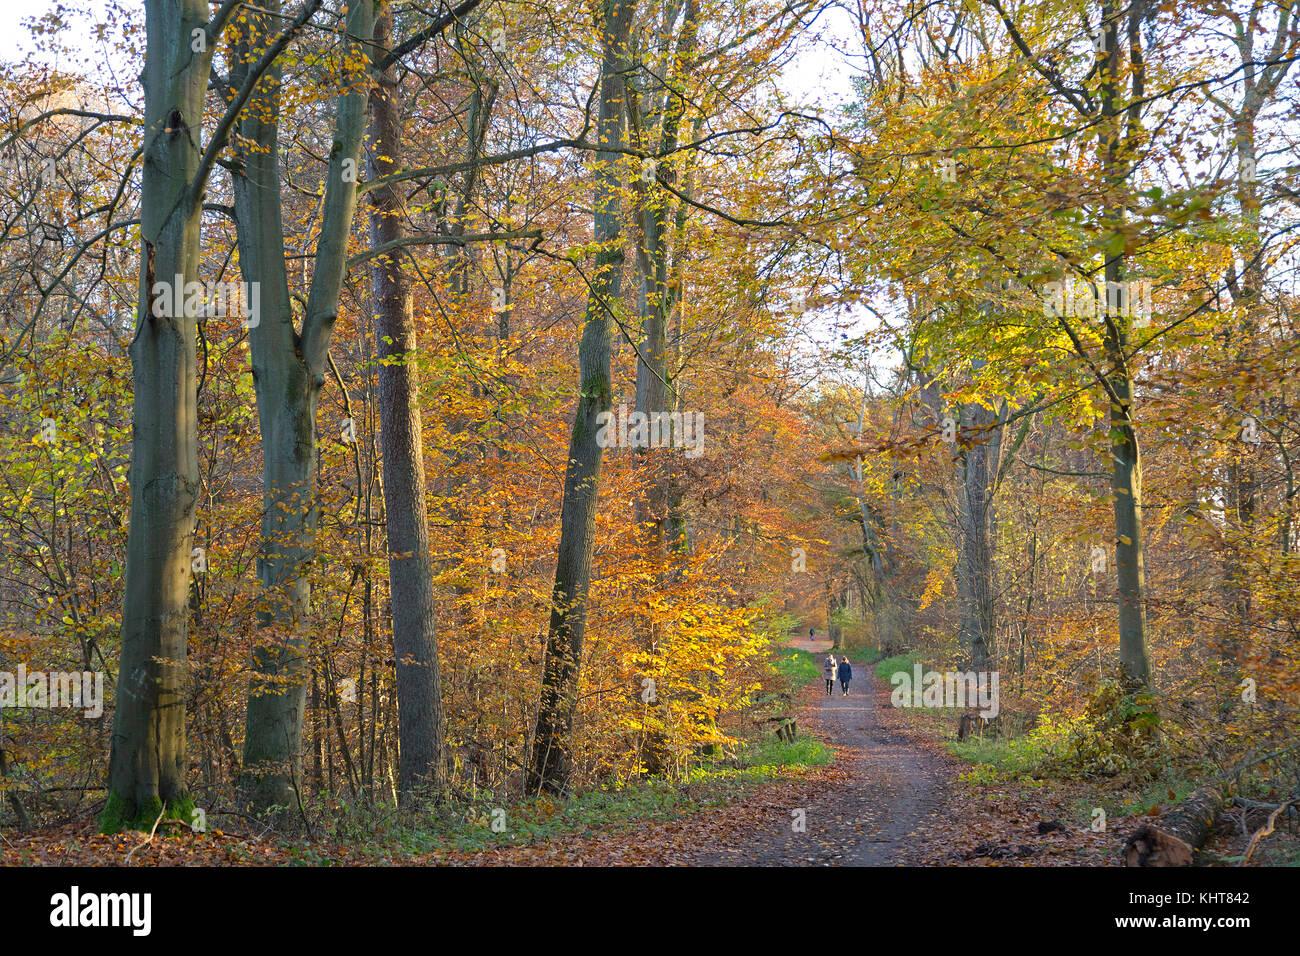 Wald im Herbst, Lüneburg, Niedersachsen, Deutschland Stockbild